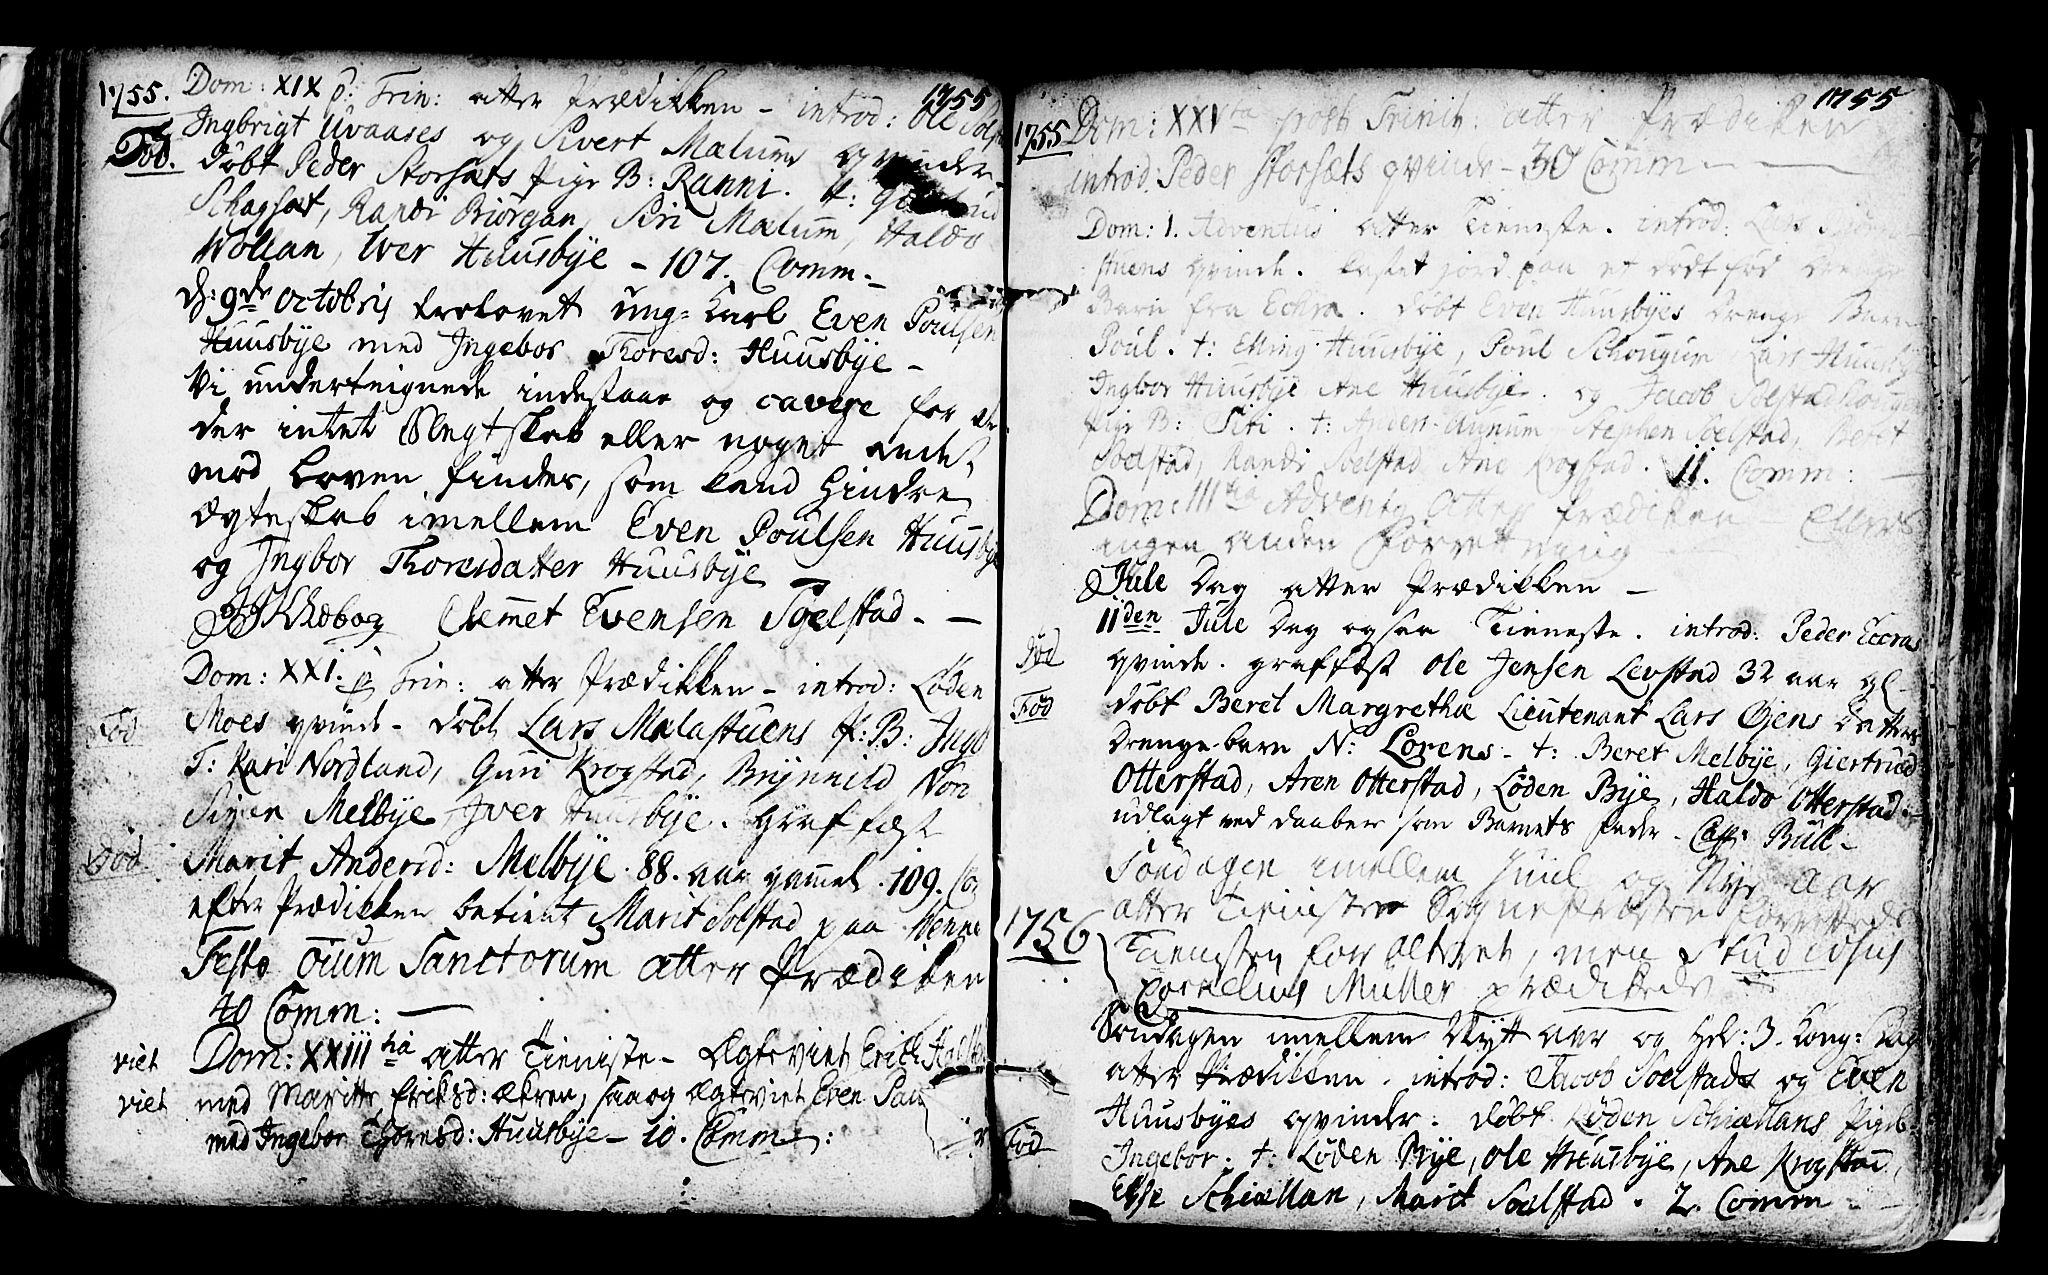 SAT, Ministerialprotokoller, klokkerbøker og fødselsregistre - Sør-Trøndelag, 667/L0793: Ministerialbok nr. 667A01, 1742-1790